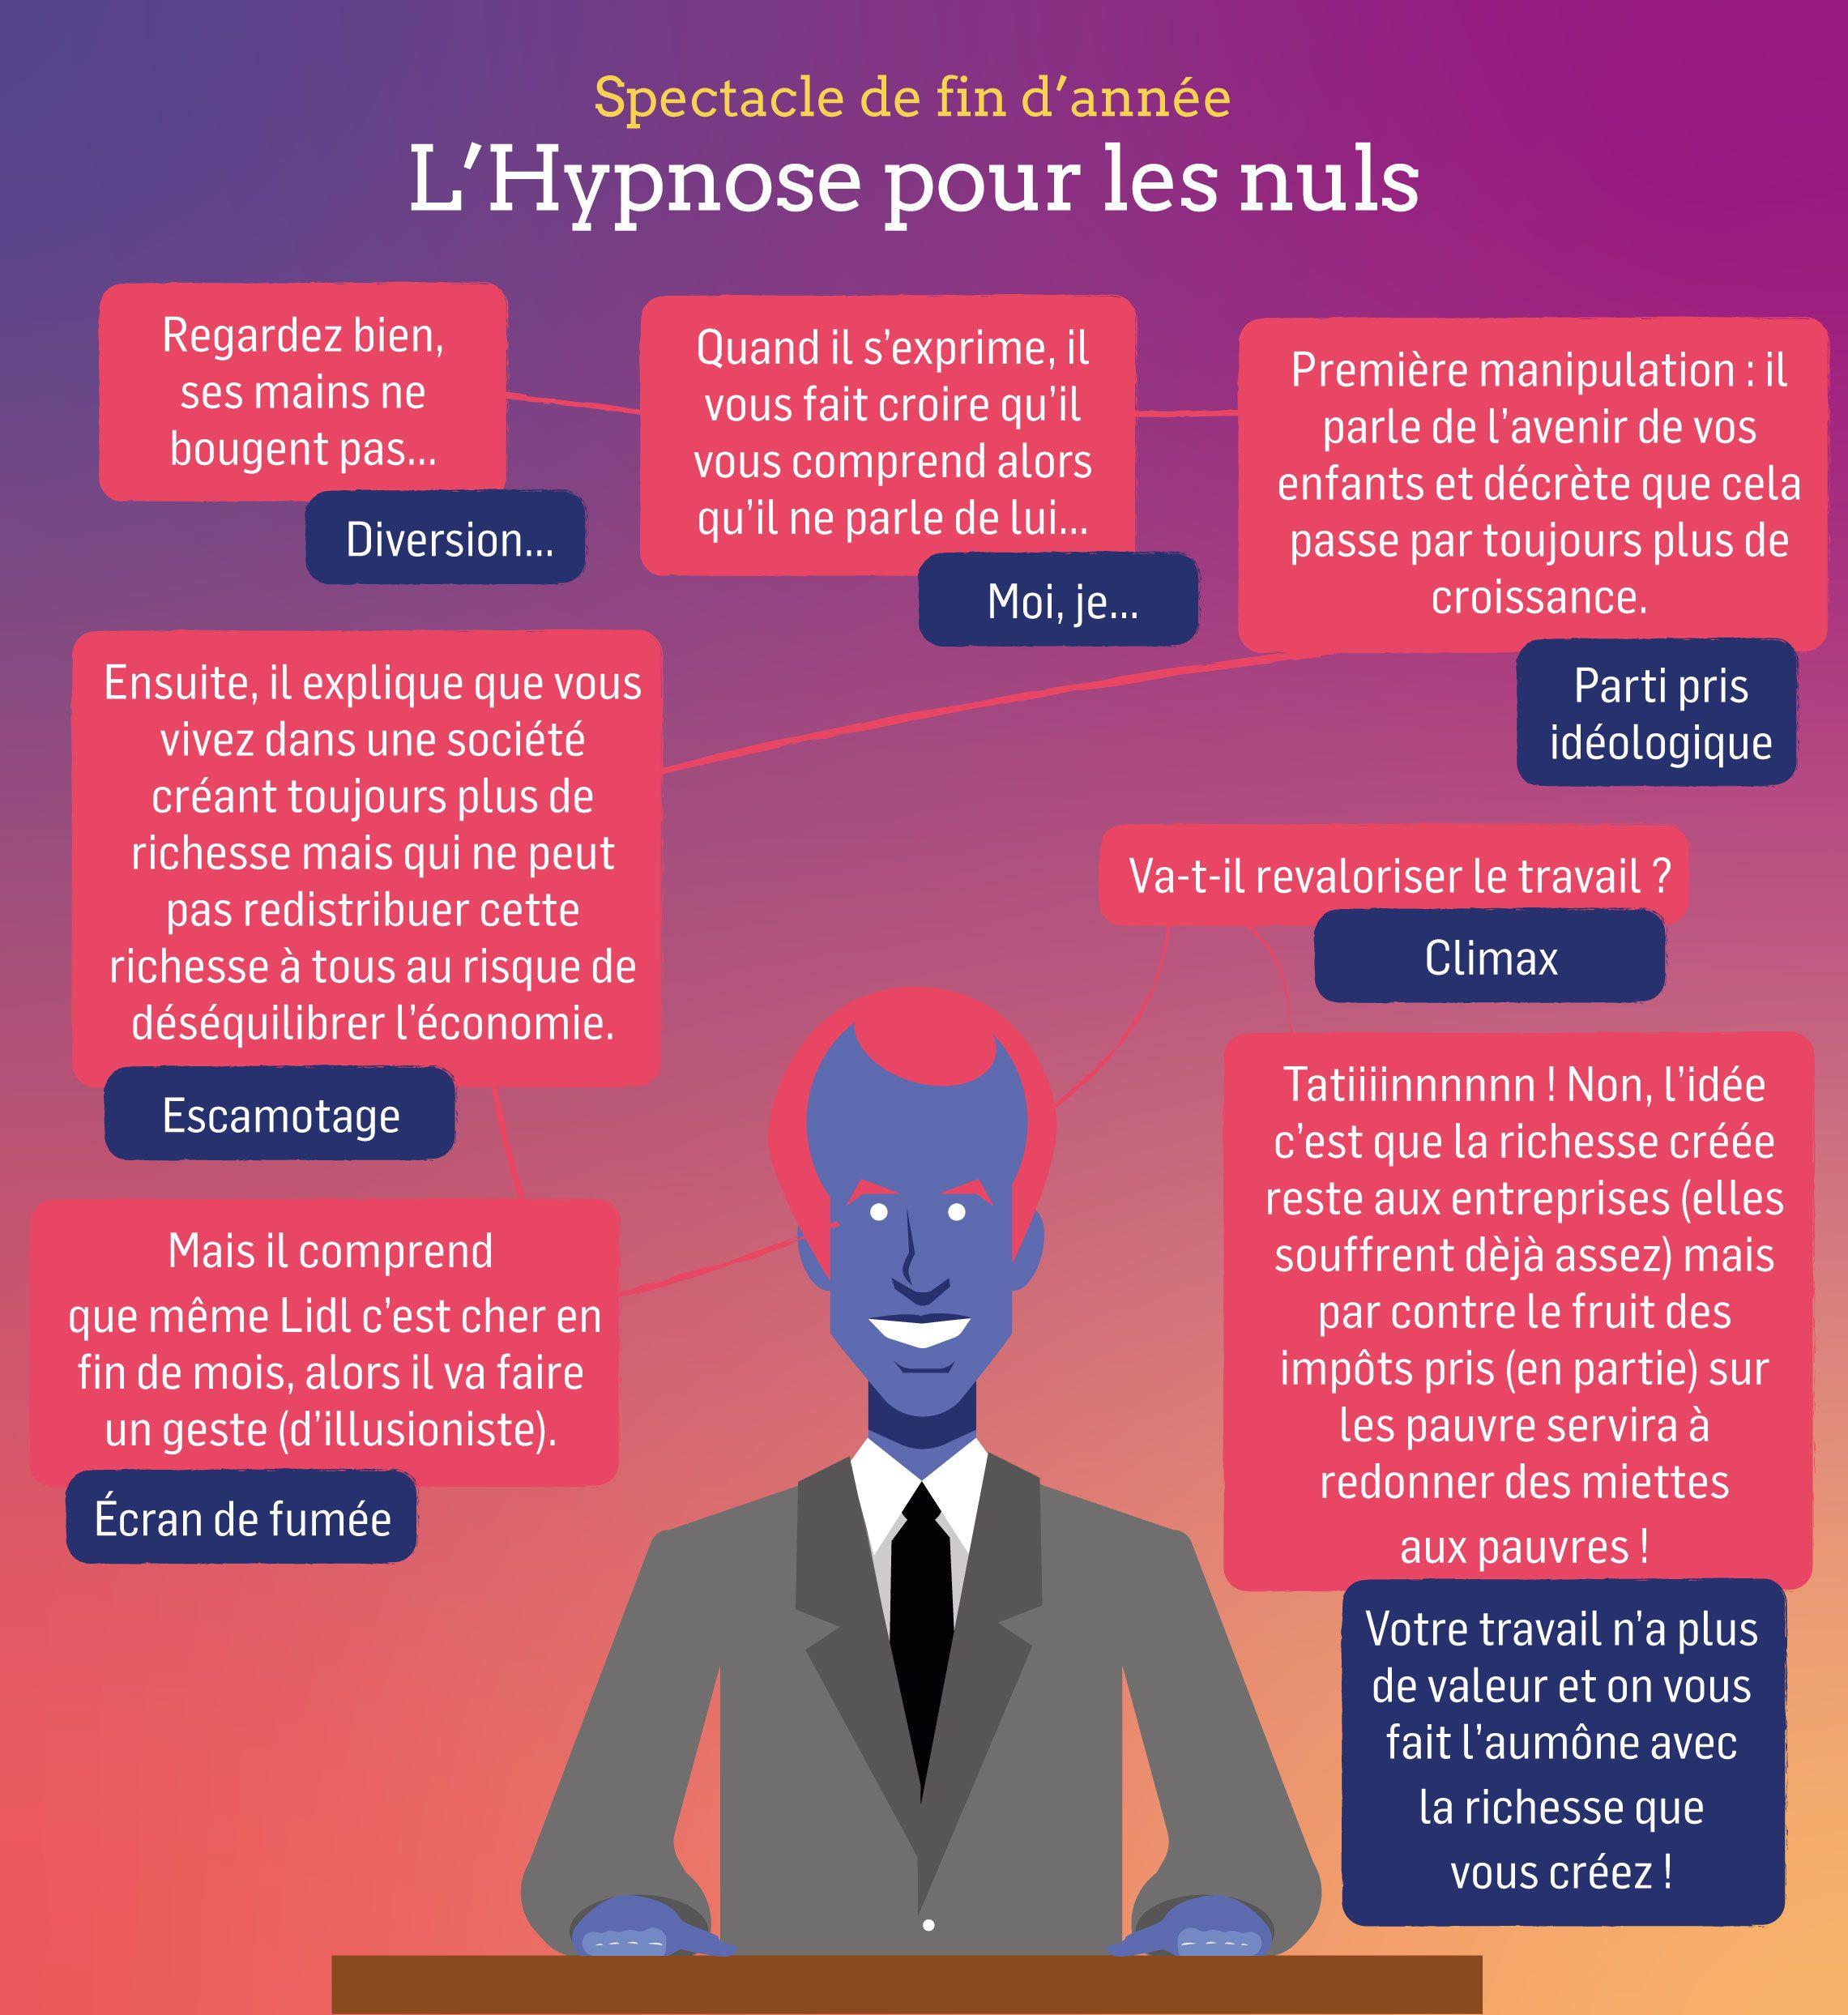 Macron Majax Changement Humanite Macron Hypnose Faire Croire